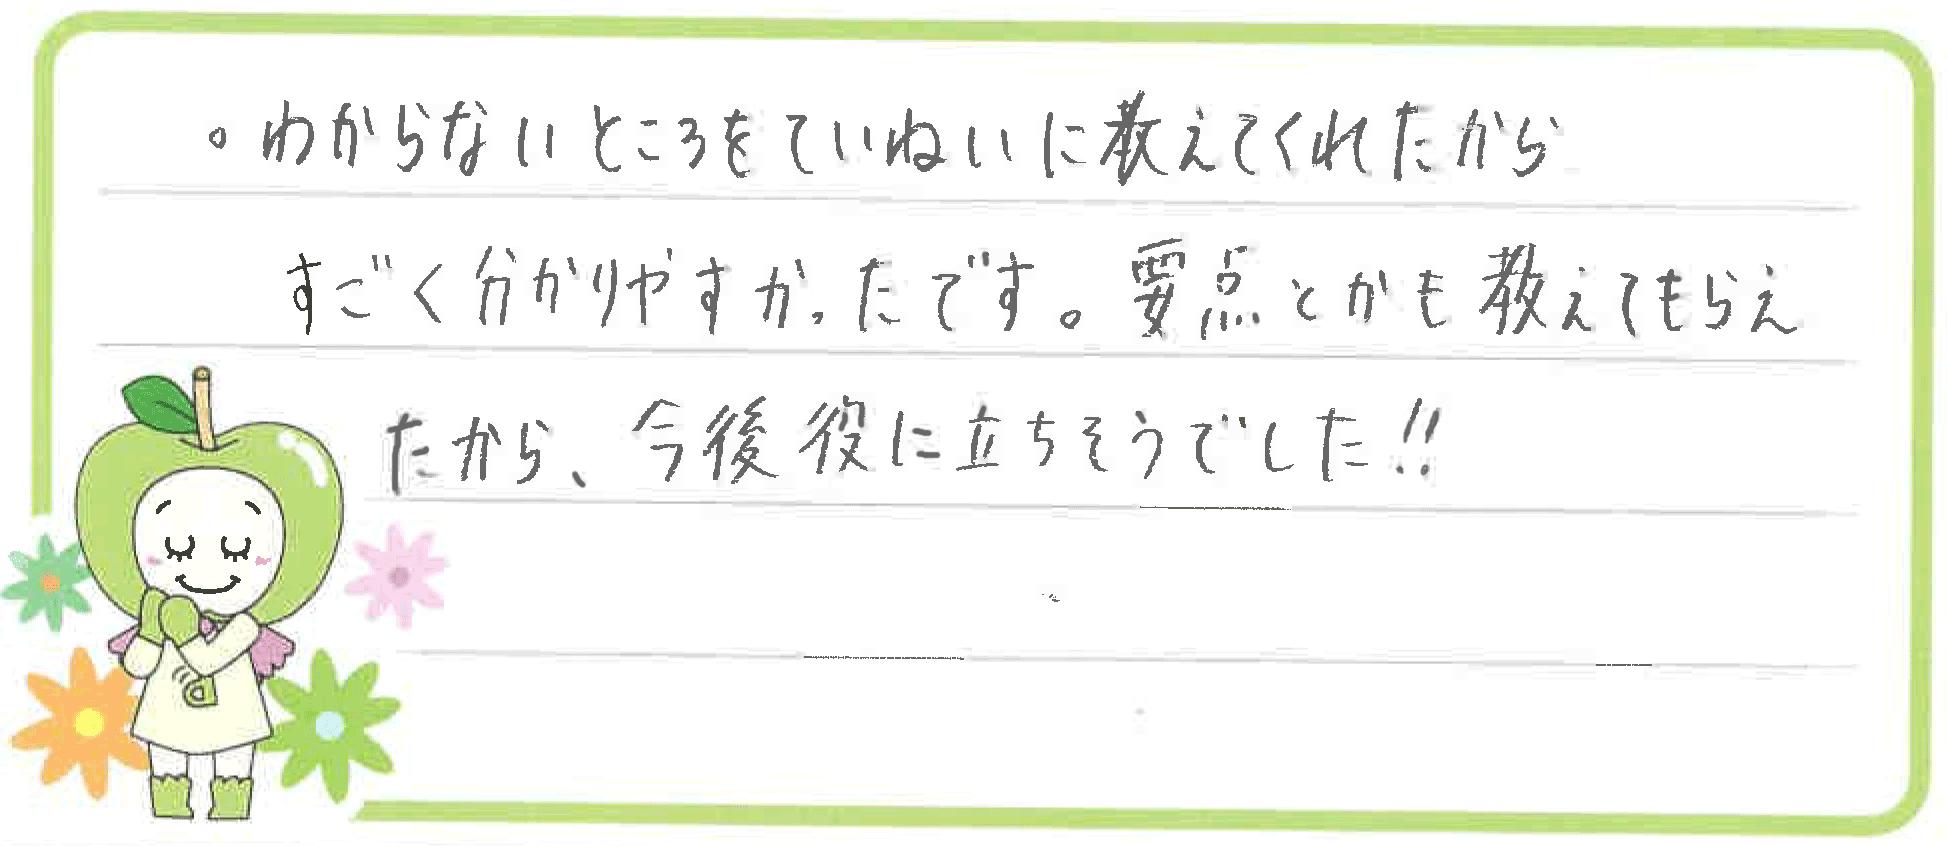 ありさちゃん(金沢市)からの口コミ